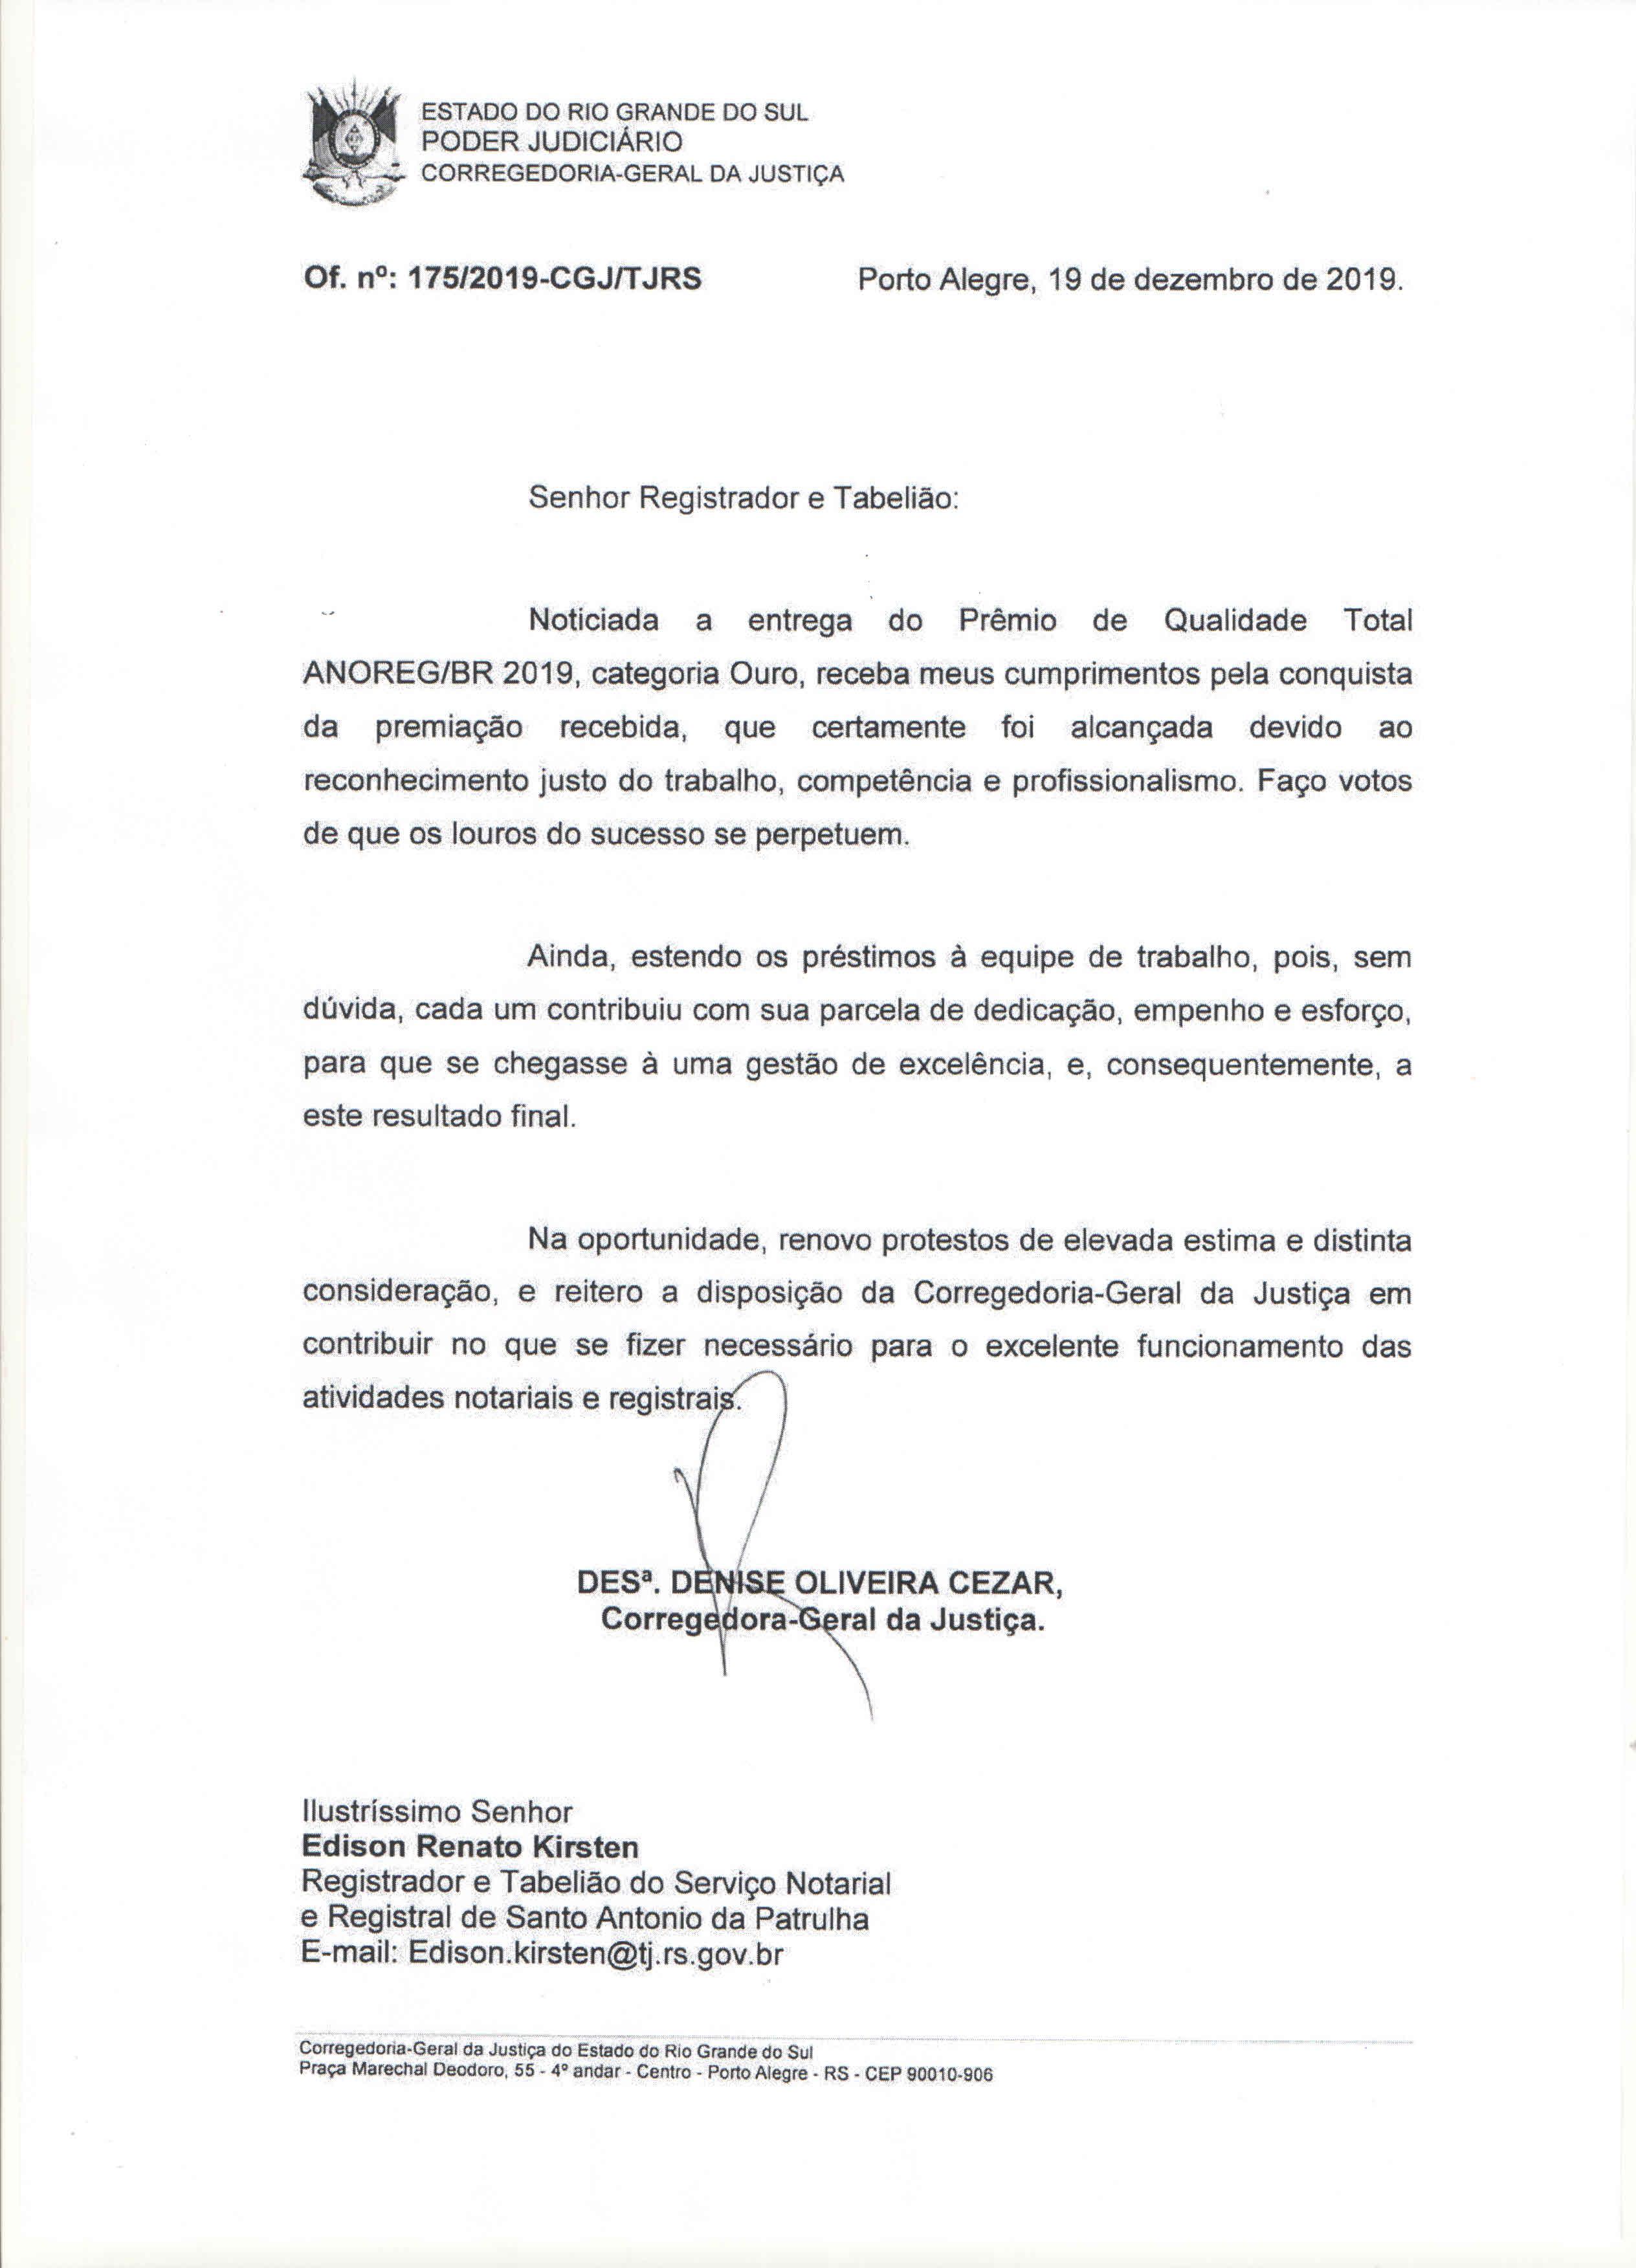 CORREGEDORIA GERAL DA JUSTIÇA PARABENIZA O CARTÓRIO KIRSTEN